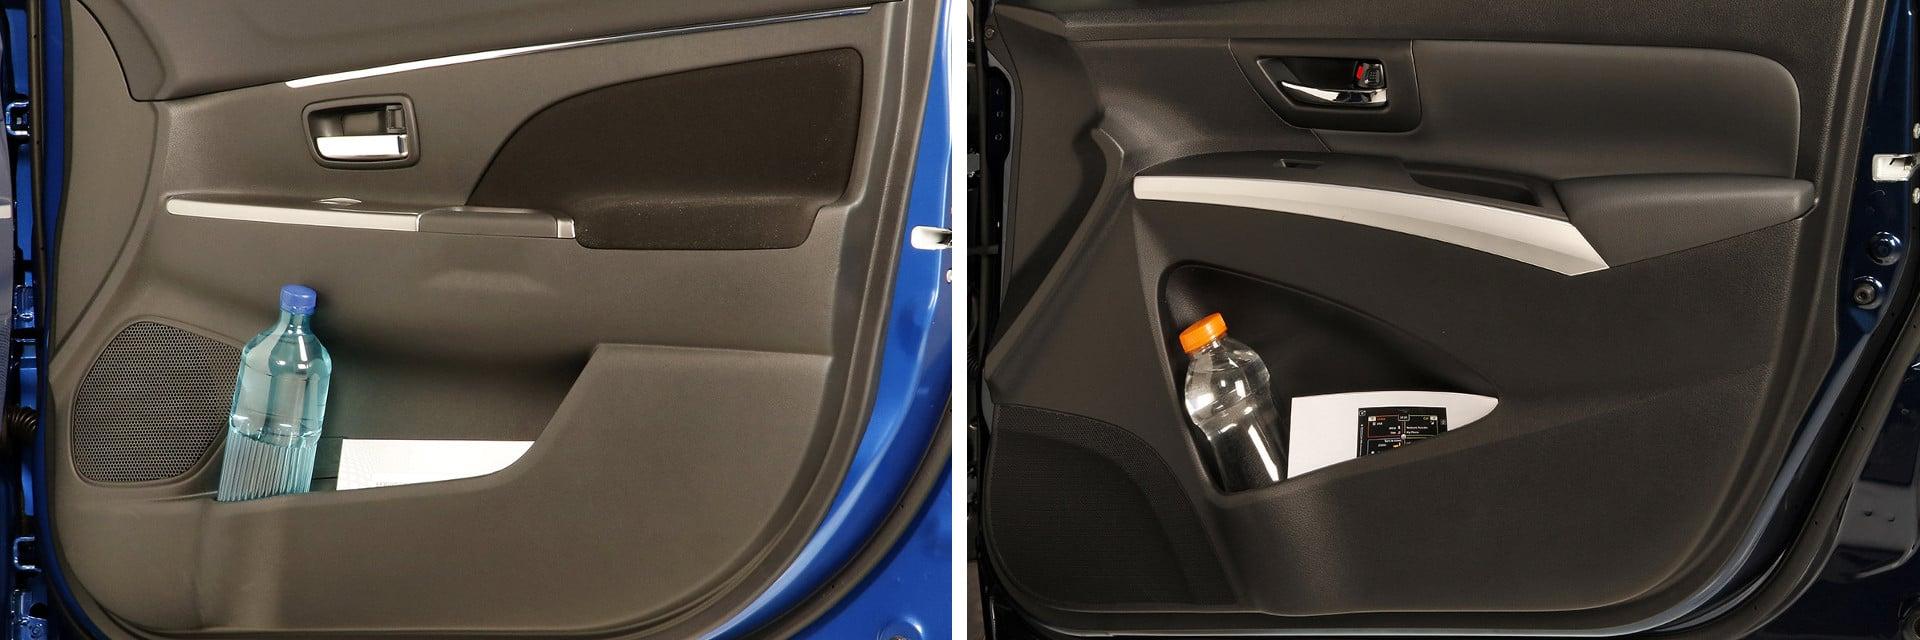 El Mitsubishi ASX (izq.) y el Suzuki S-Cross (dcha.) disponen de huecos suficientes para guardar los objetos diarios como la cartera, llaves, móvil, etc.